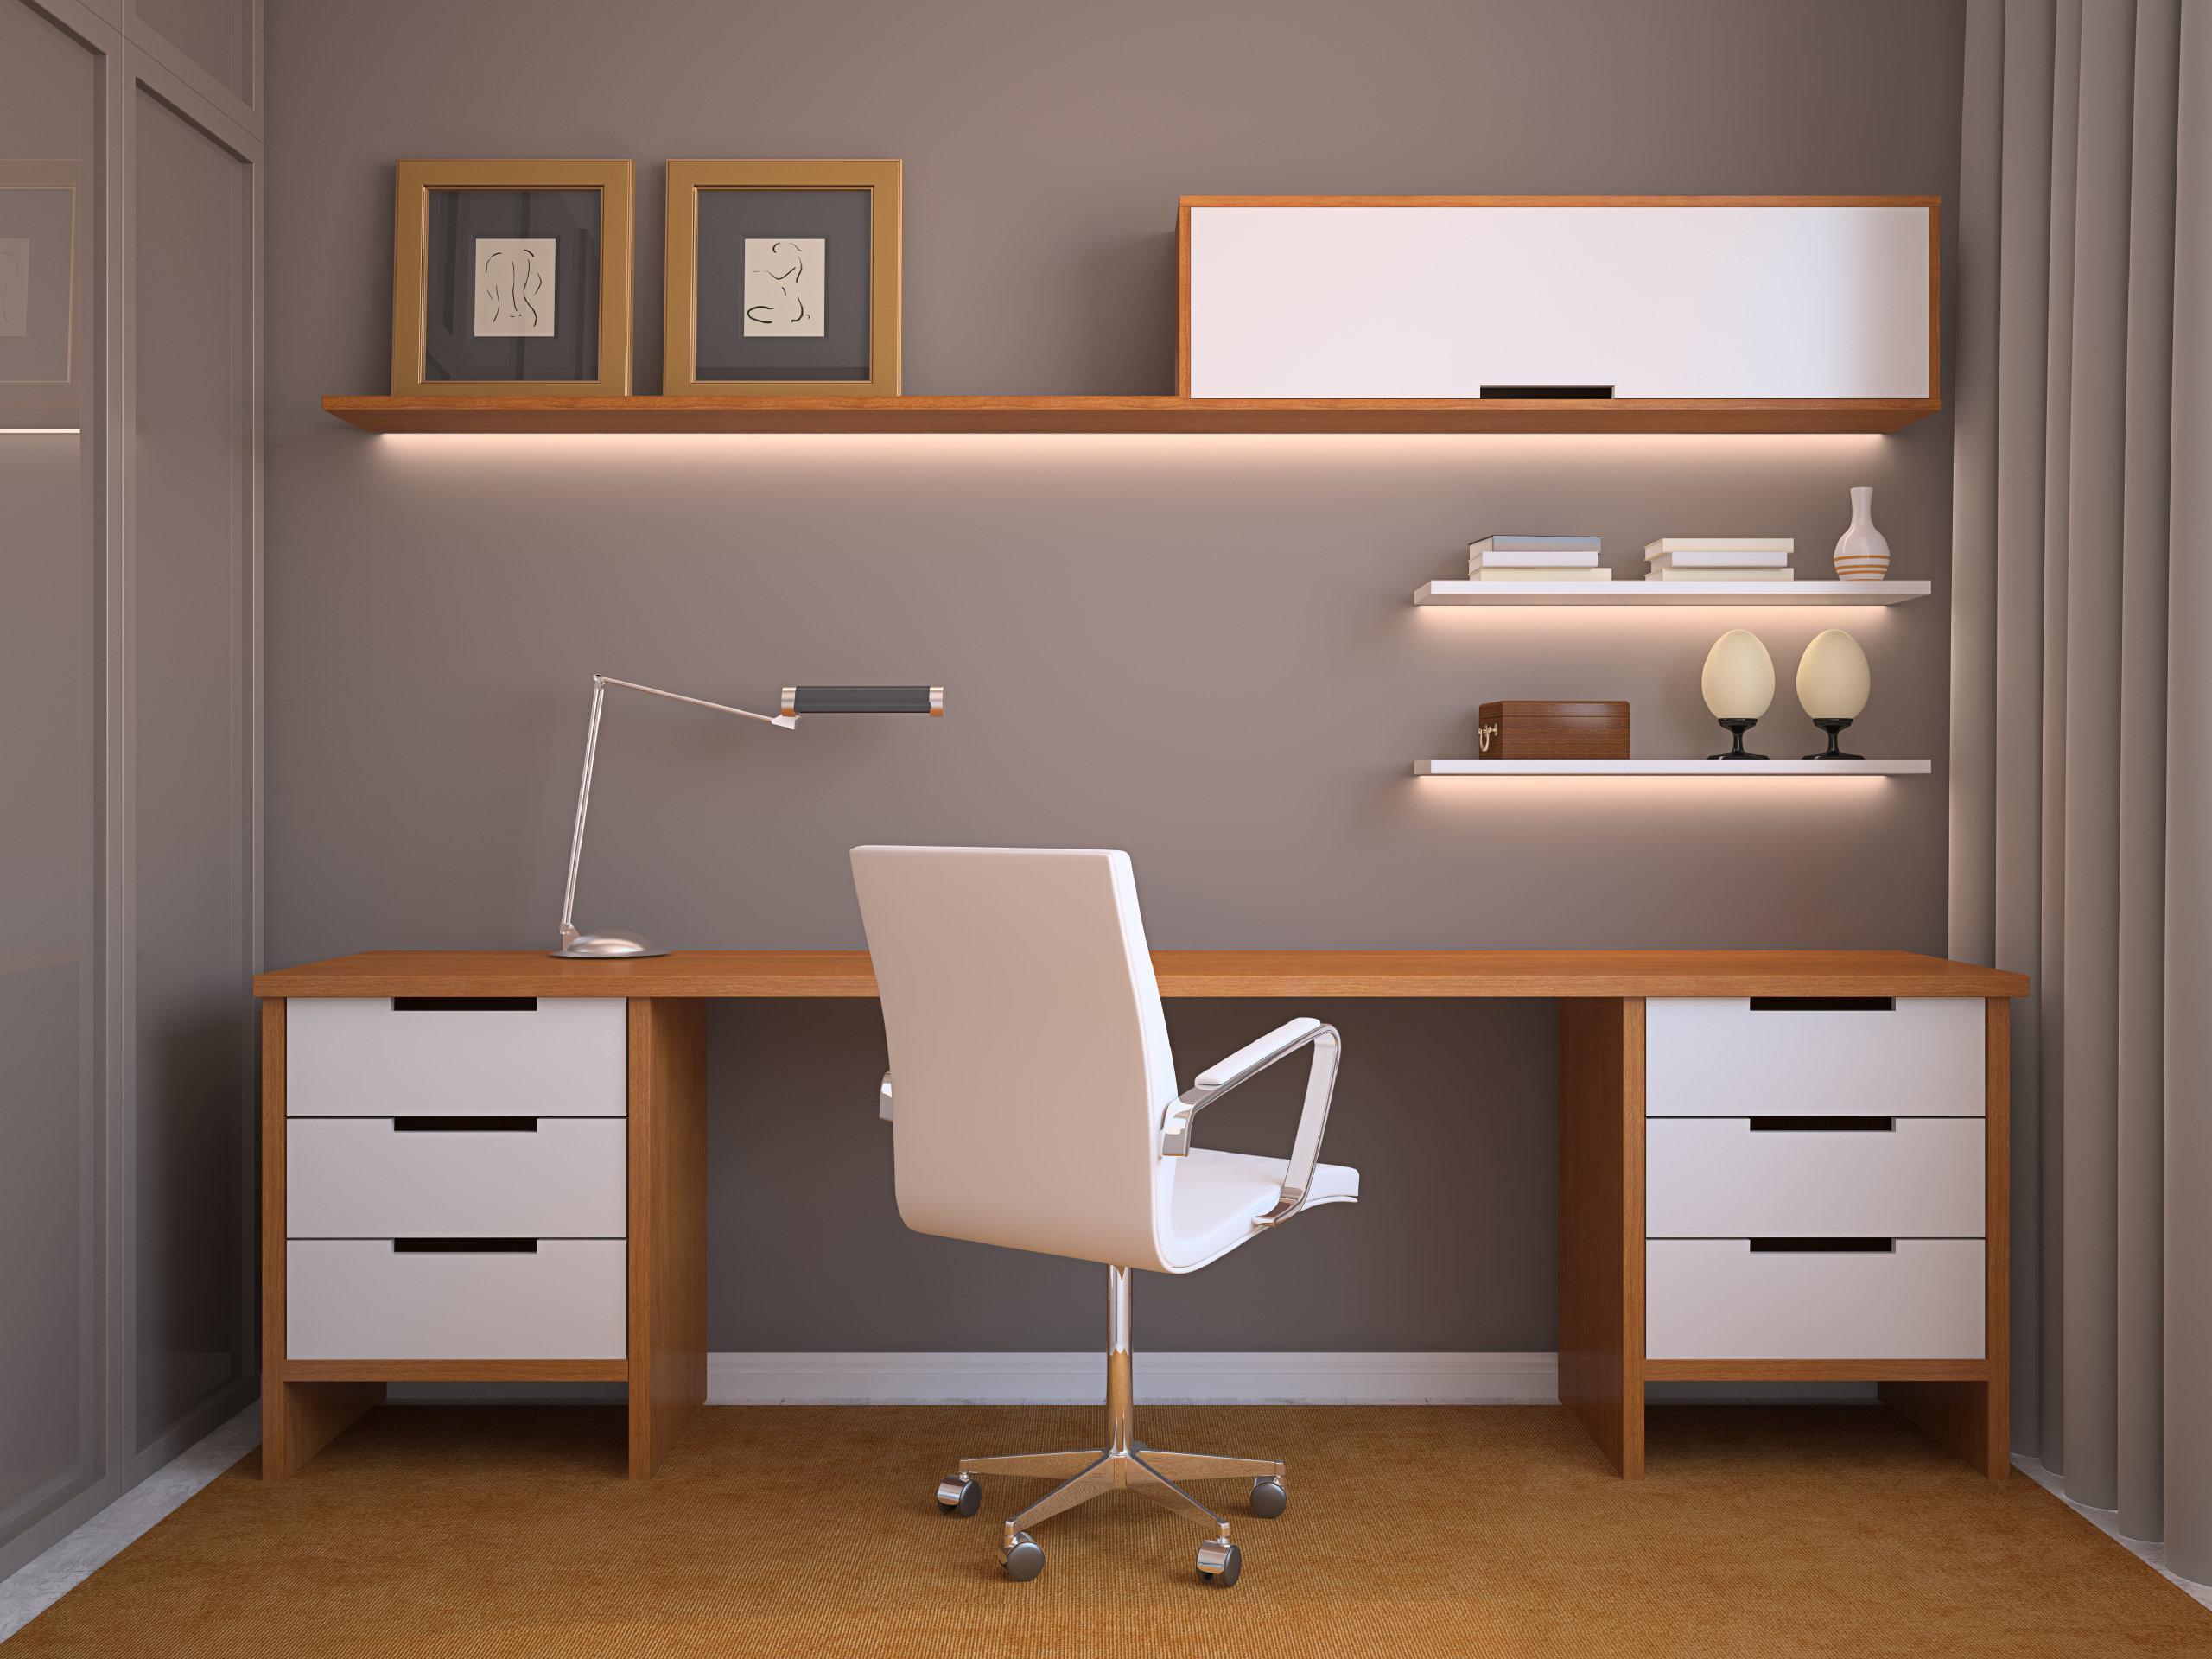 Arbeitszimmer gestaltungsmöglichkeiten  Arbeitszimmer: So richtest Du es ein | erdbeerlounge.de